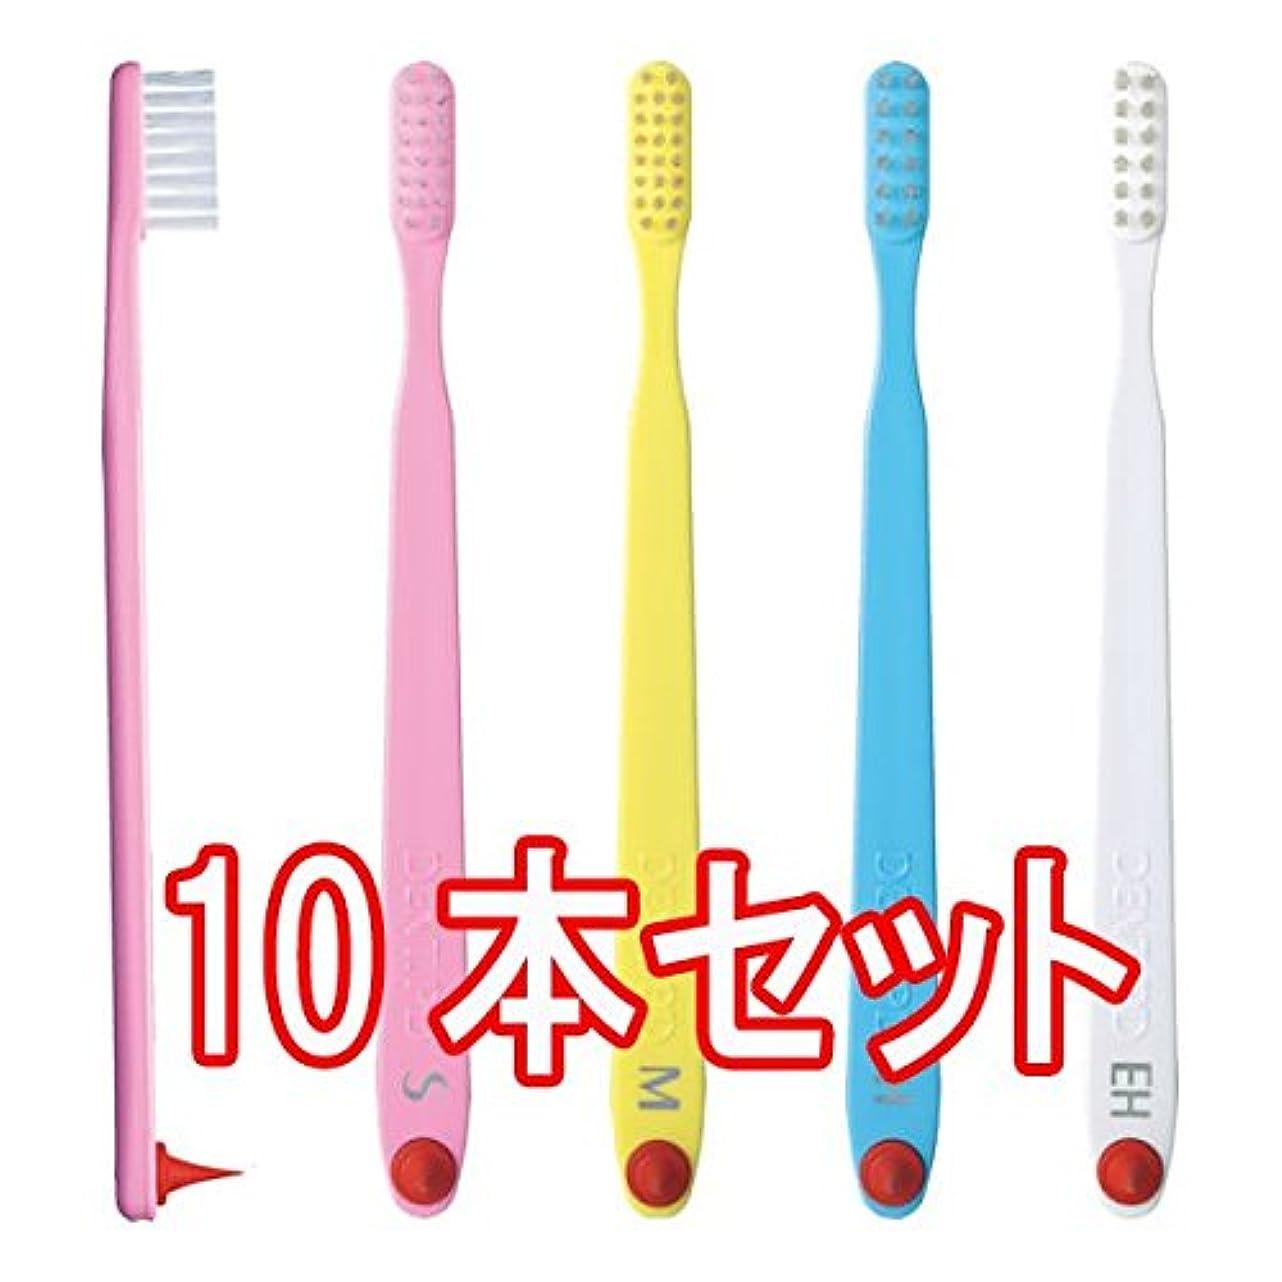 再生可能勇敢なロケーションライオン DENT.PD 歯ブラシ 10本入 (H)